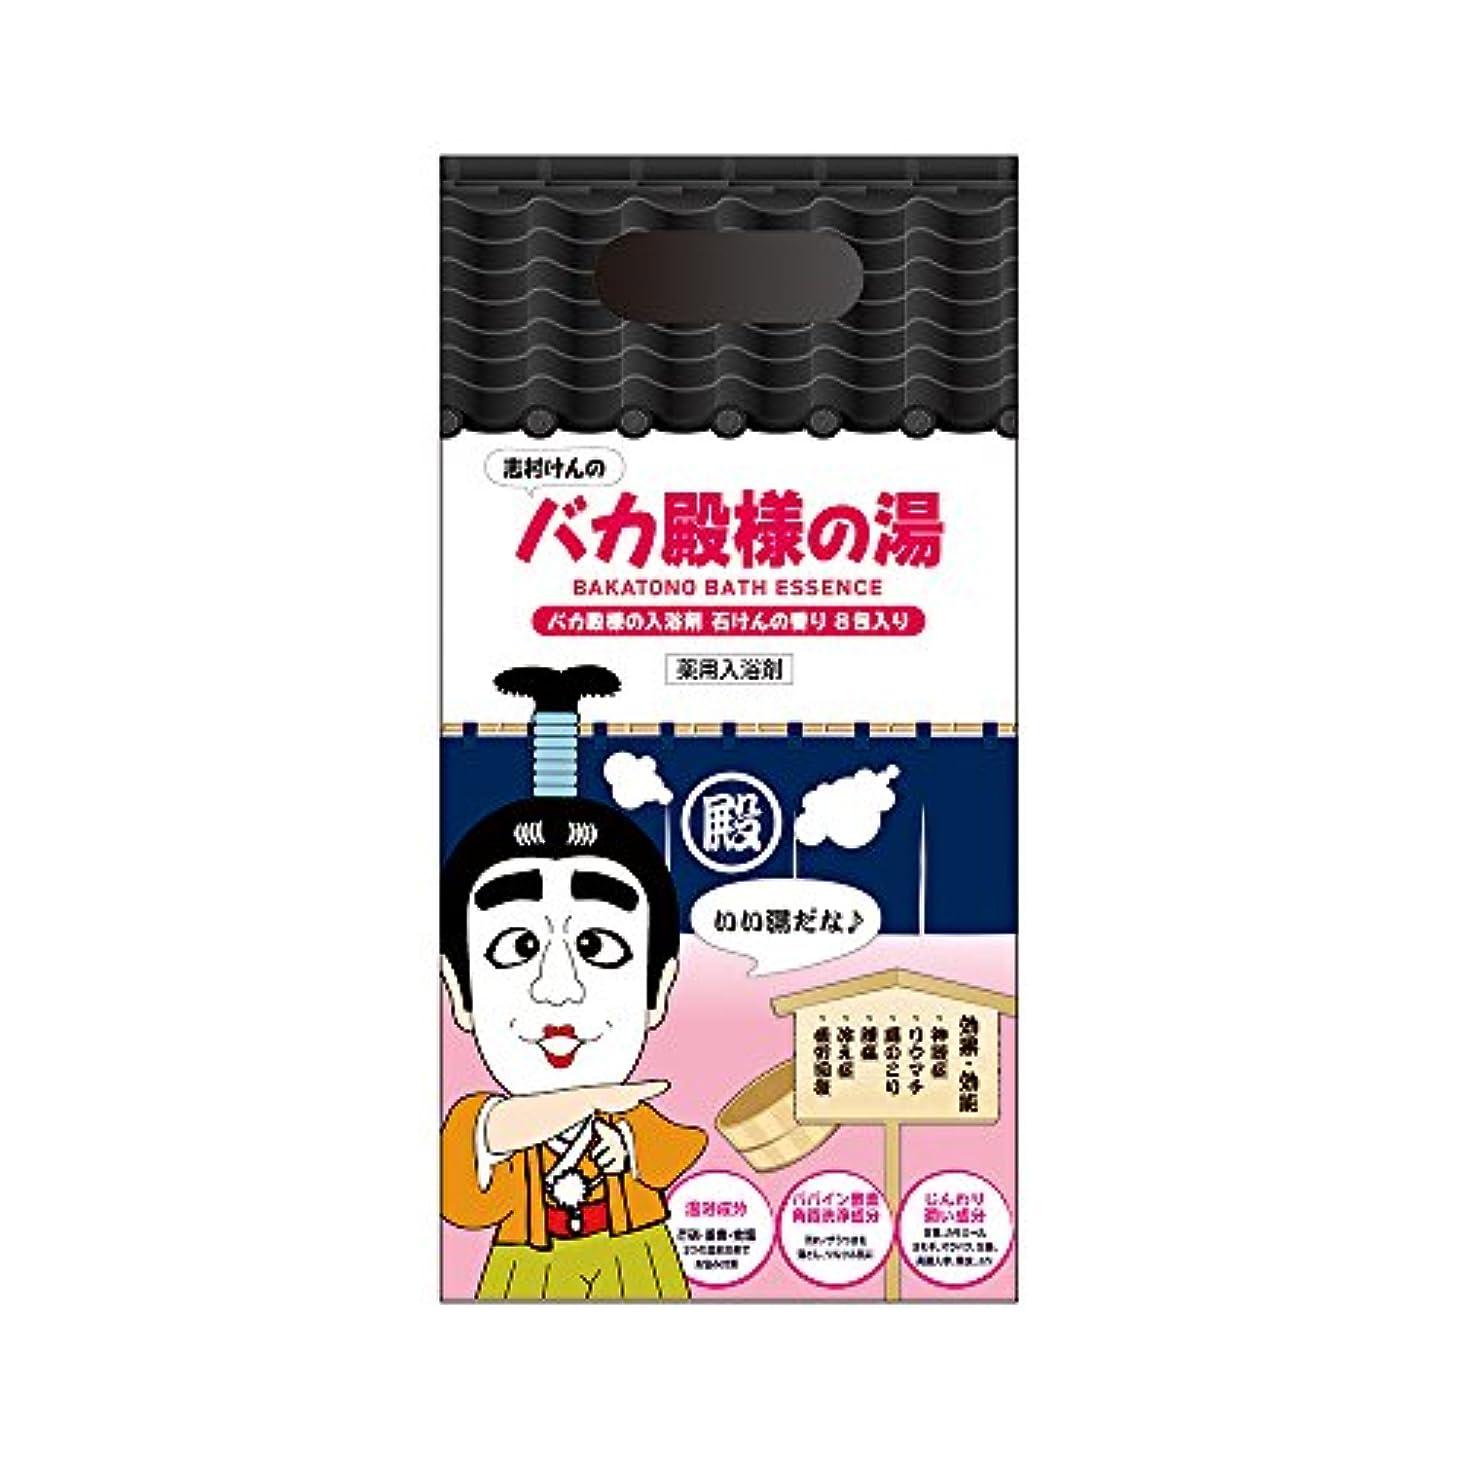 管理者正規化定義する志村けんのバカ殿様の湯 バカ殿様の入浴剤 石けんの香り (25g × 8包入り)